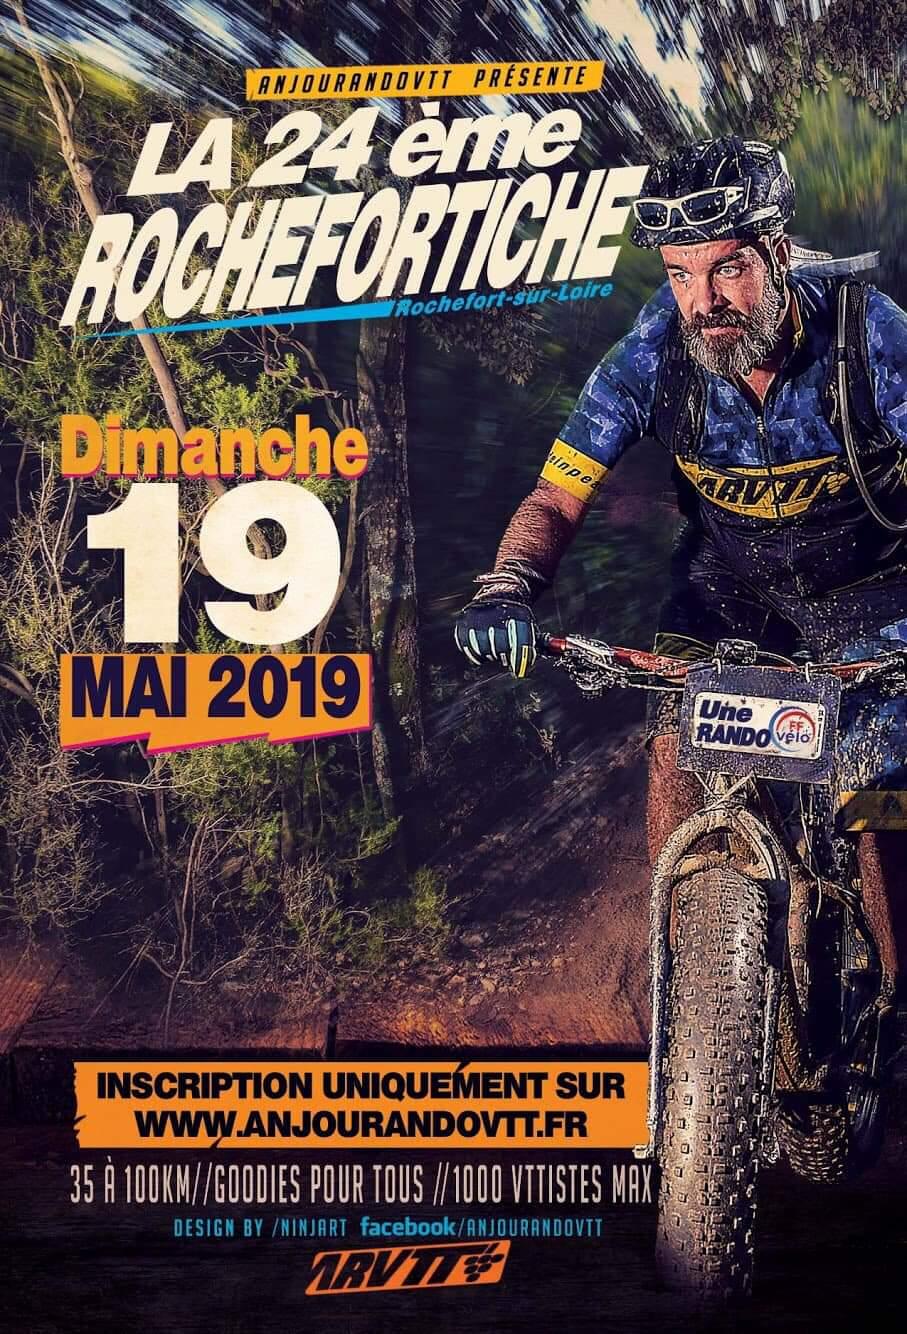 Rochefort sur Loire (49) La Rochefortiche - dimanche 19 mai 2019 Fb_img11